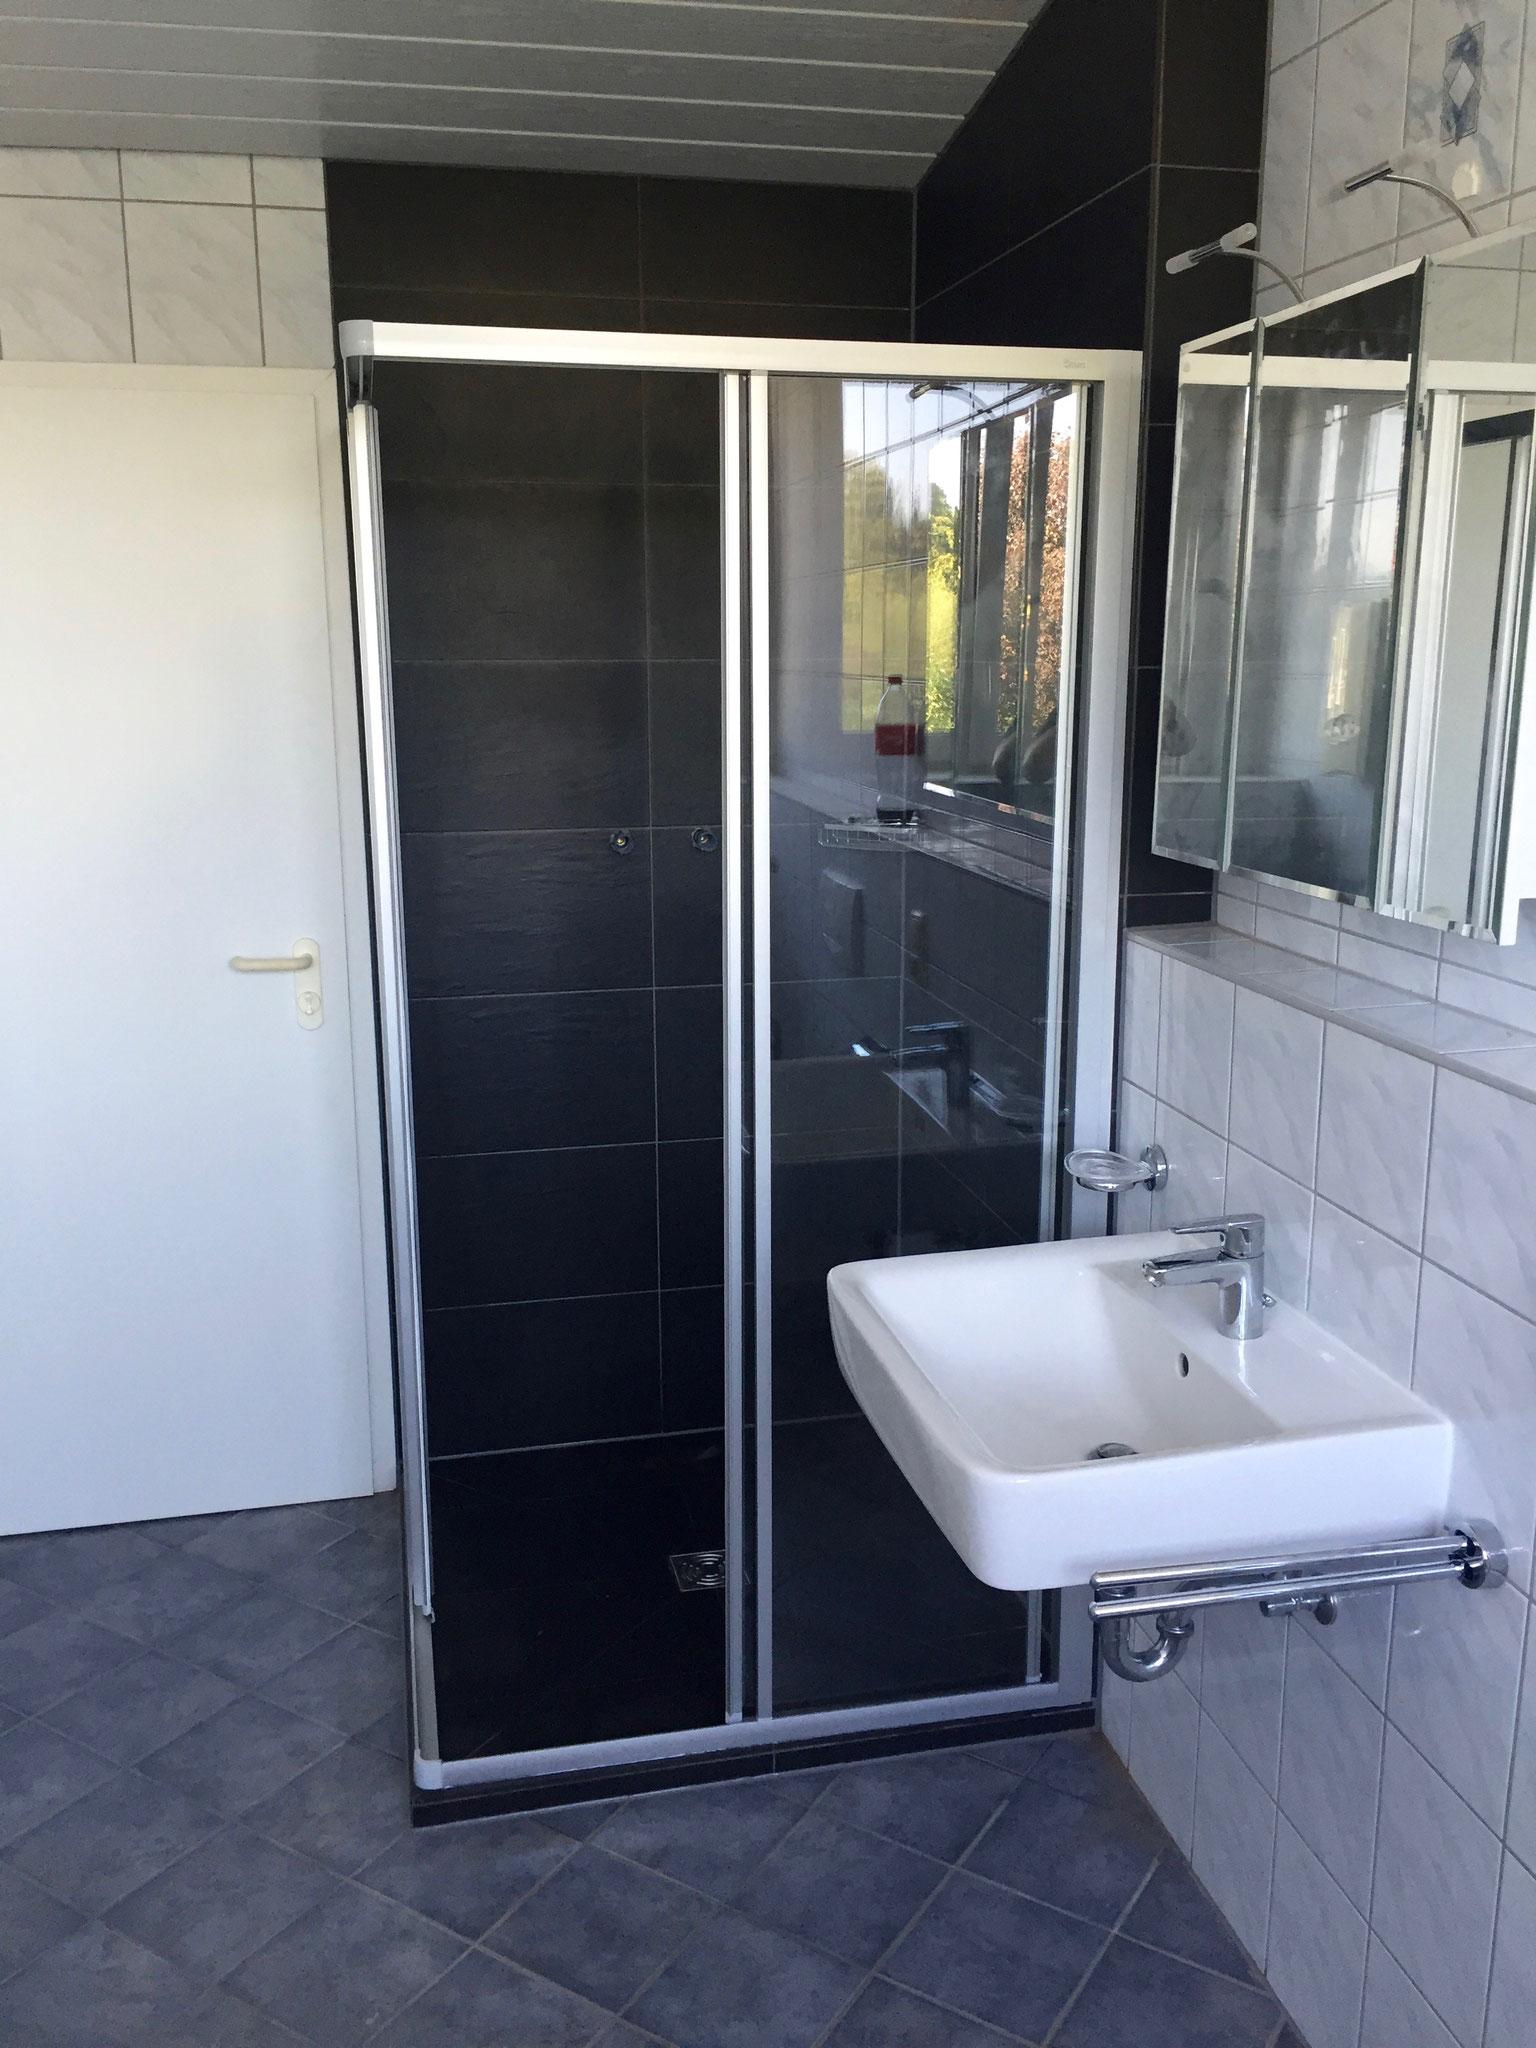 referenzen brendel haustechnik partner f r bad und heizung in ingelheim. Black Bedroom Furniture Sets. Home Design Ideas